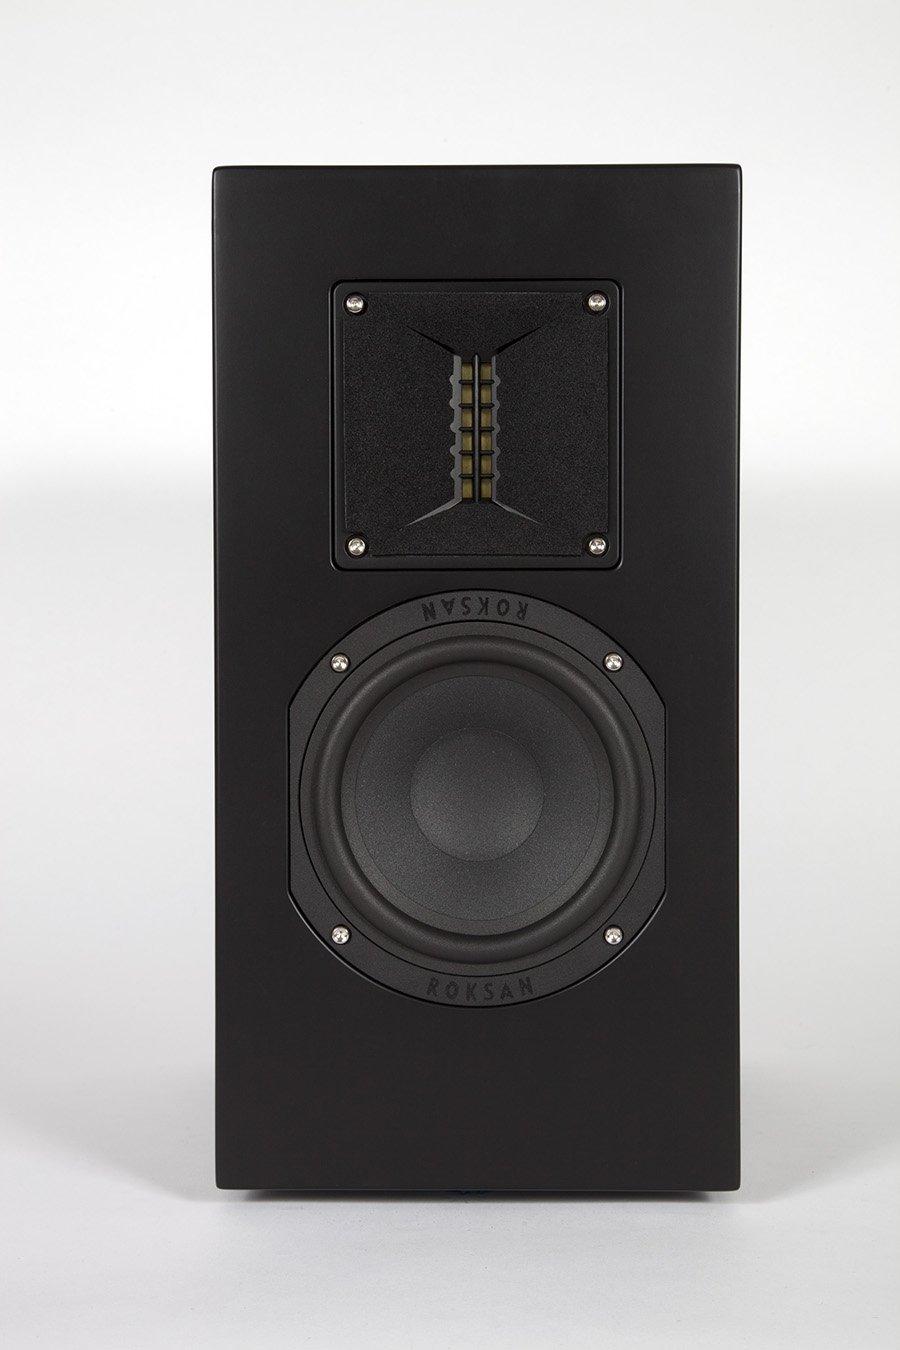 Roksan TR-5 S2 Loudspeaker Review